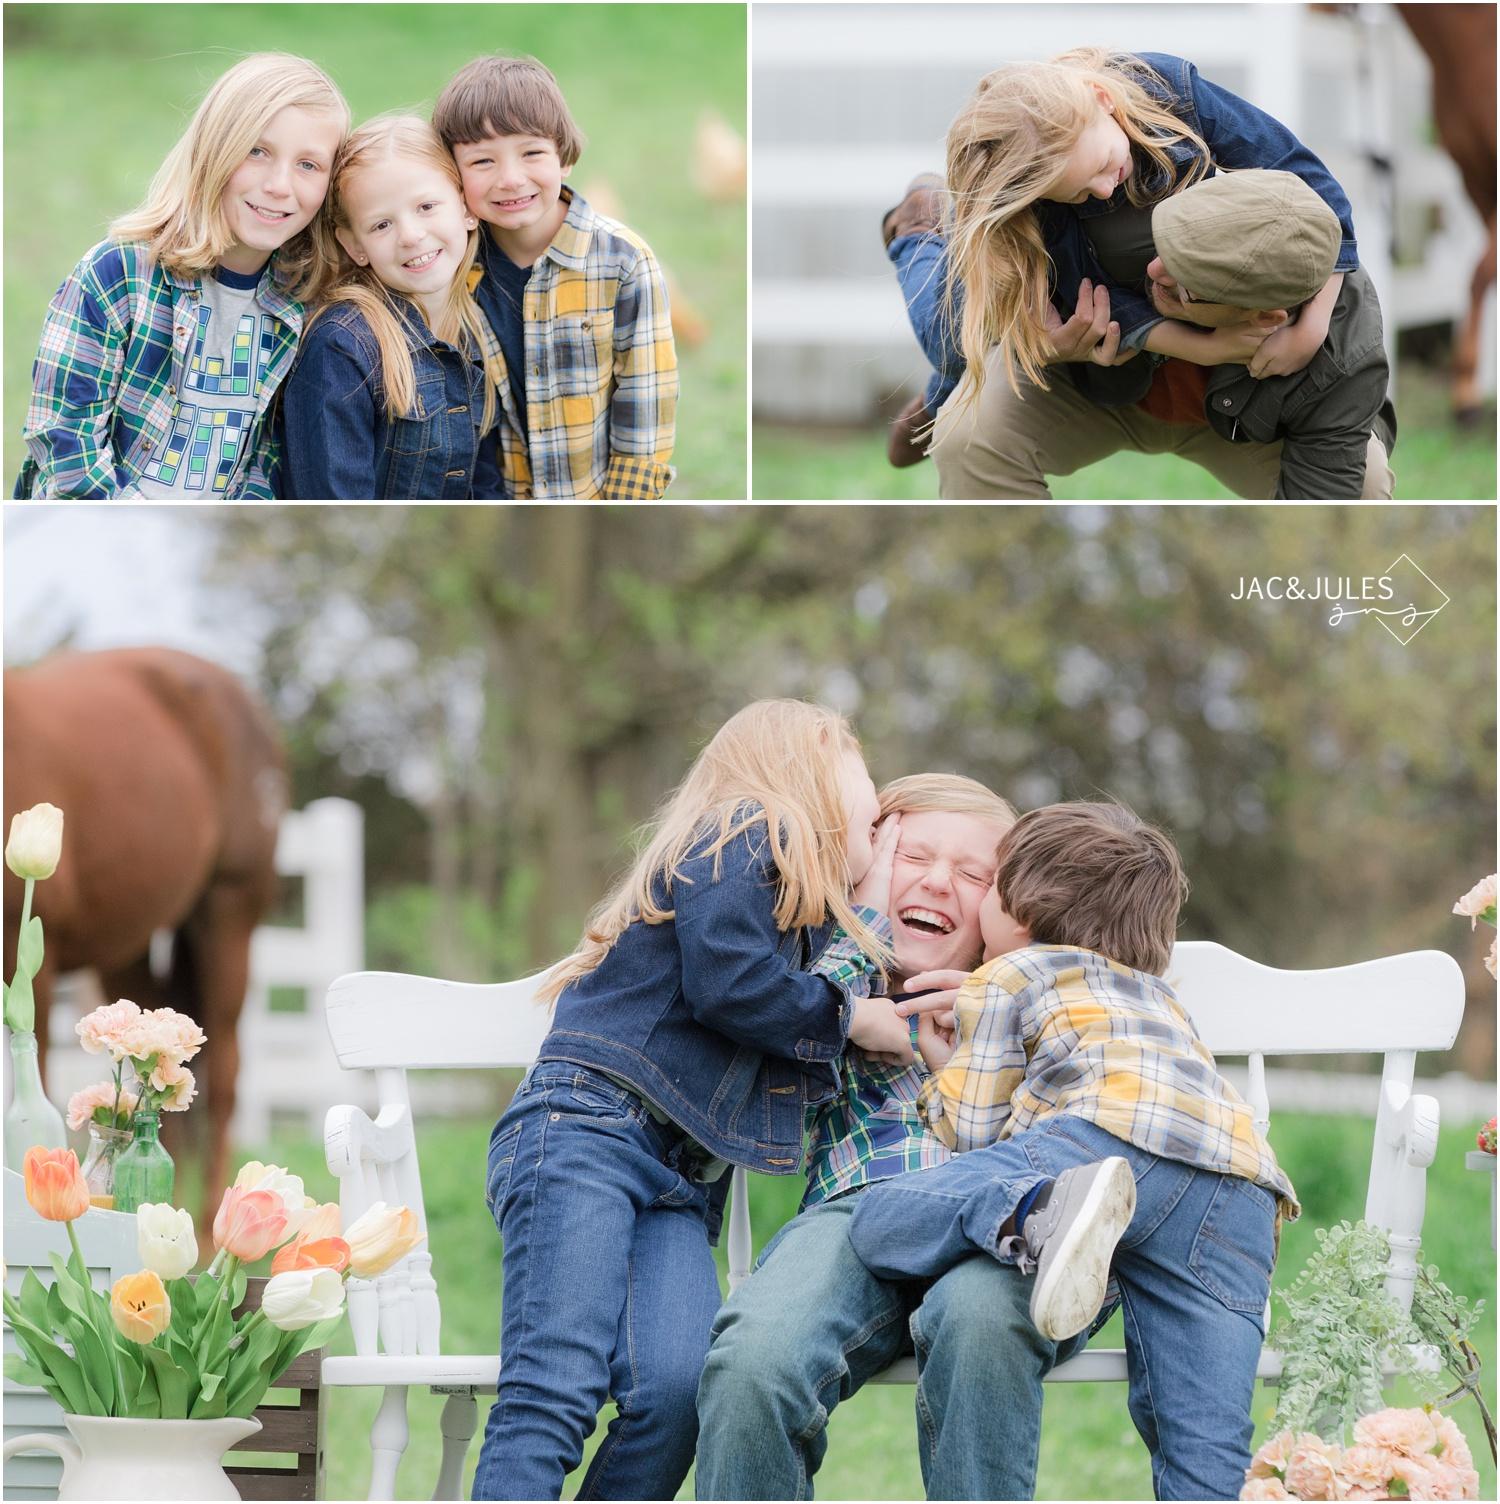 photos of kids having fun at a cream ridge, nj horse farm.